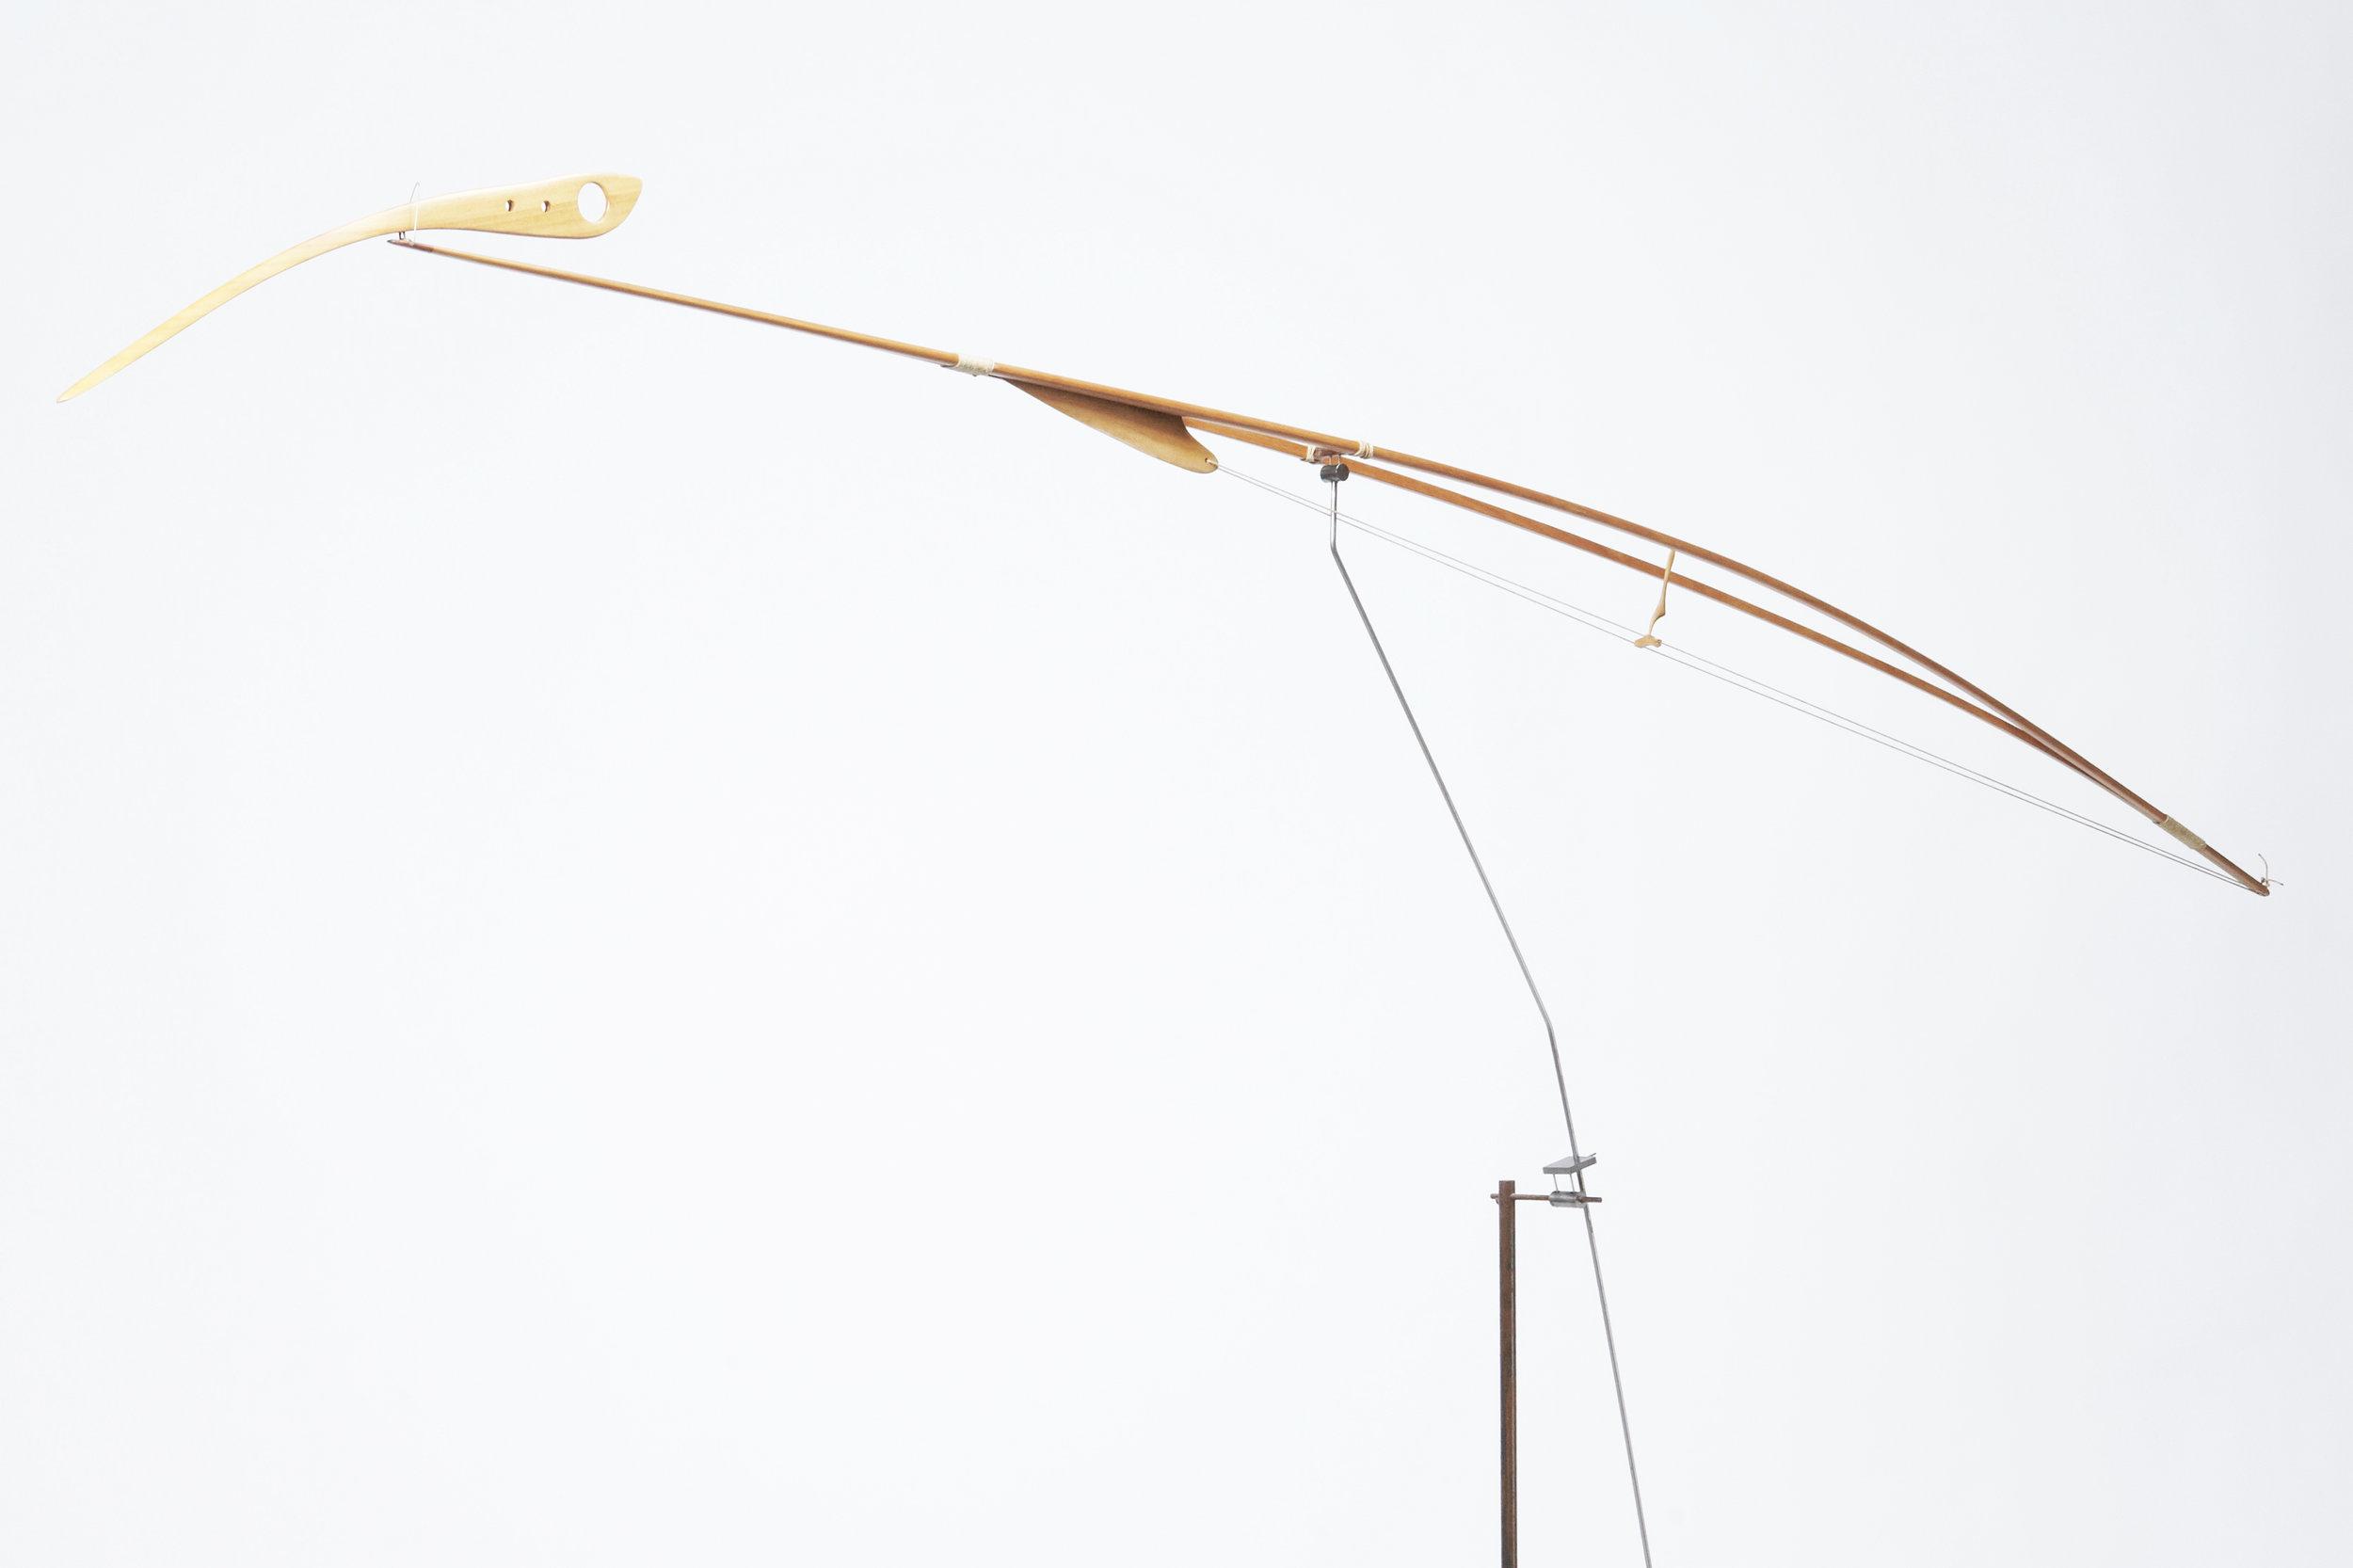 Escultura estática de madera de bubinga, creada por Antoni Yranzo en el año 2005 en su estudio-taller de Barcelona